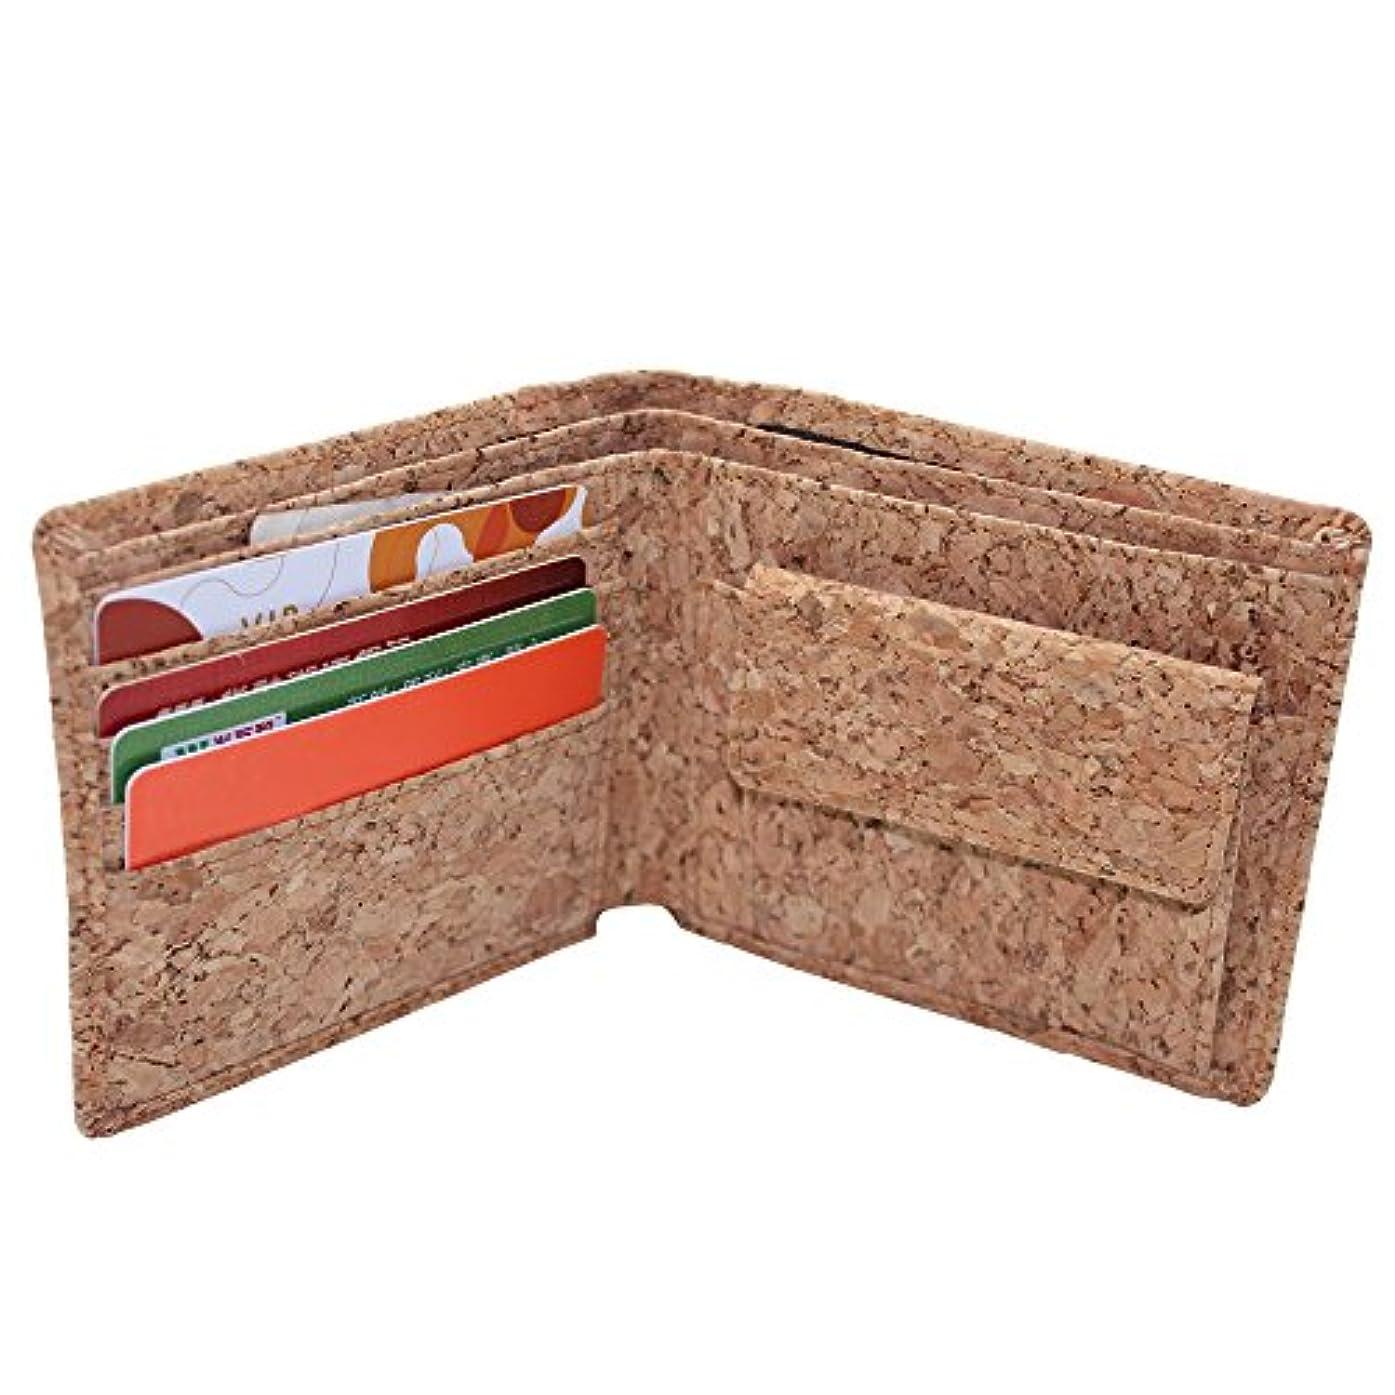 飢えズームスチュワーデスBoshiho二つ折り 財布 メンズ コルク  軽い エコ製品 ビジネス